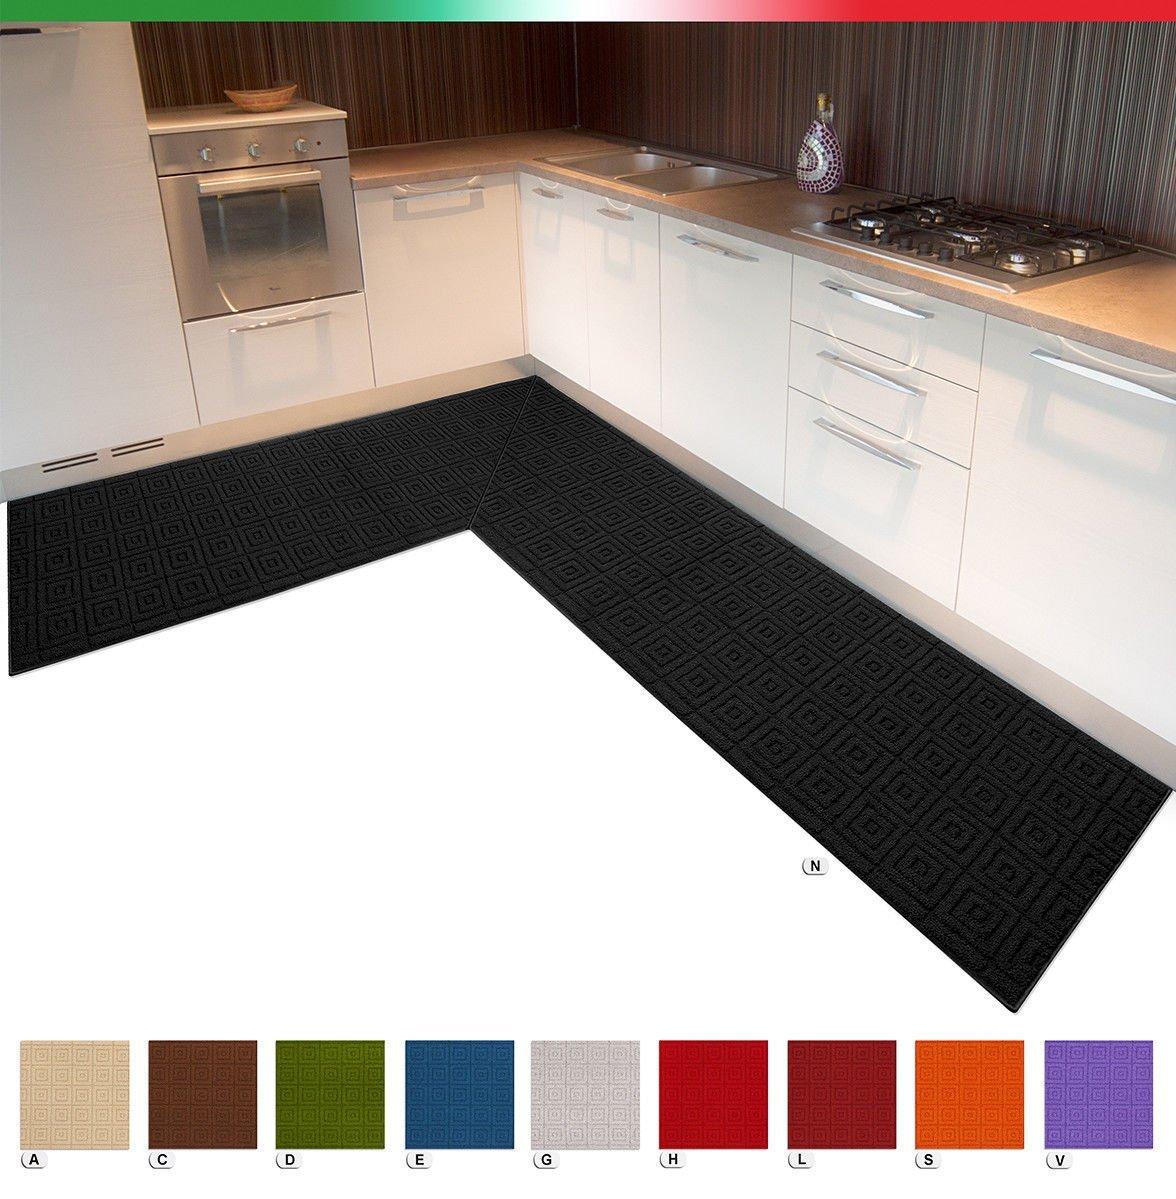 Scegliere il giusto tappeto per la cucina 20 idee da cui - Tappetino cucina ...